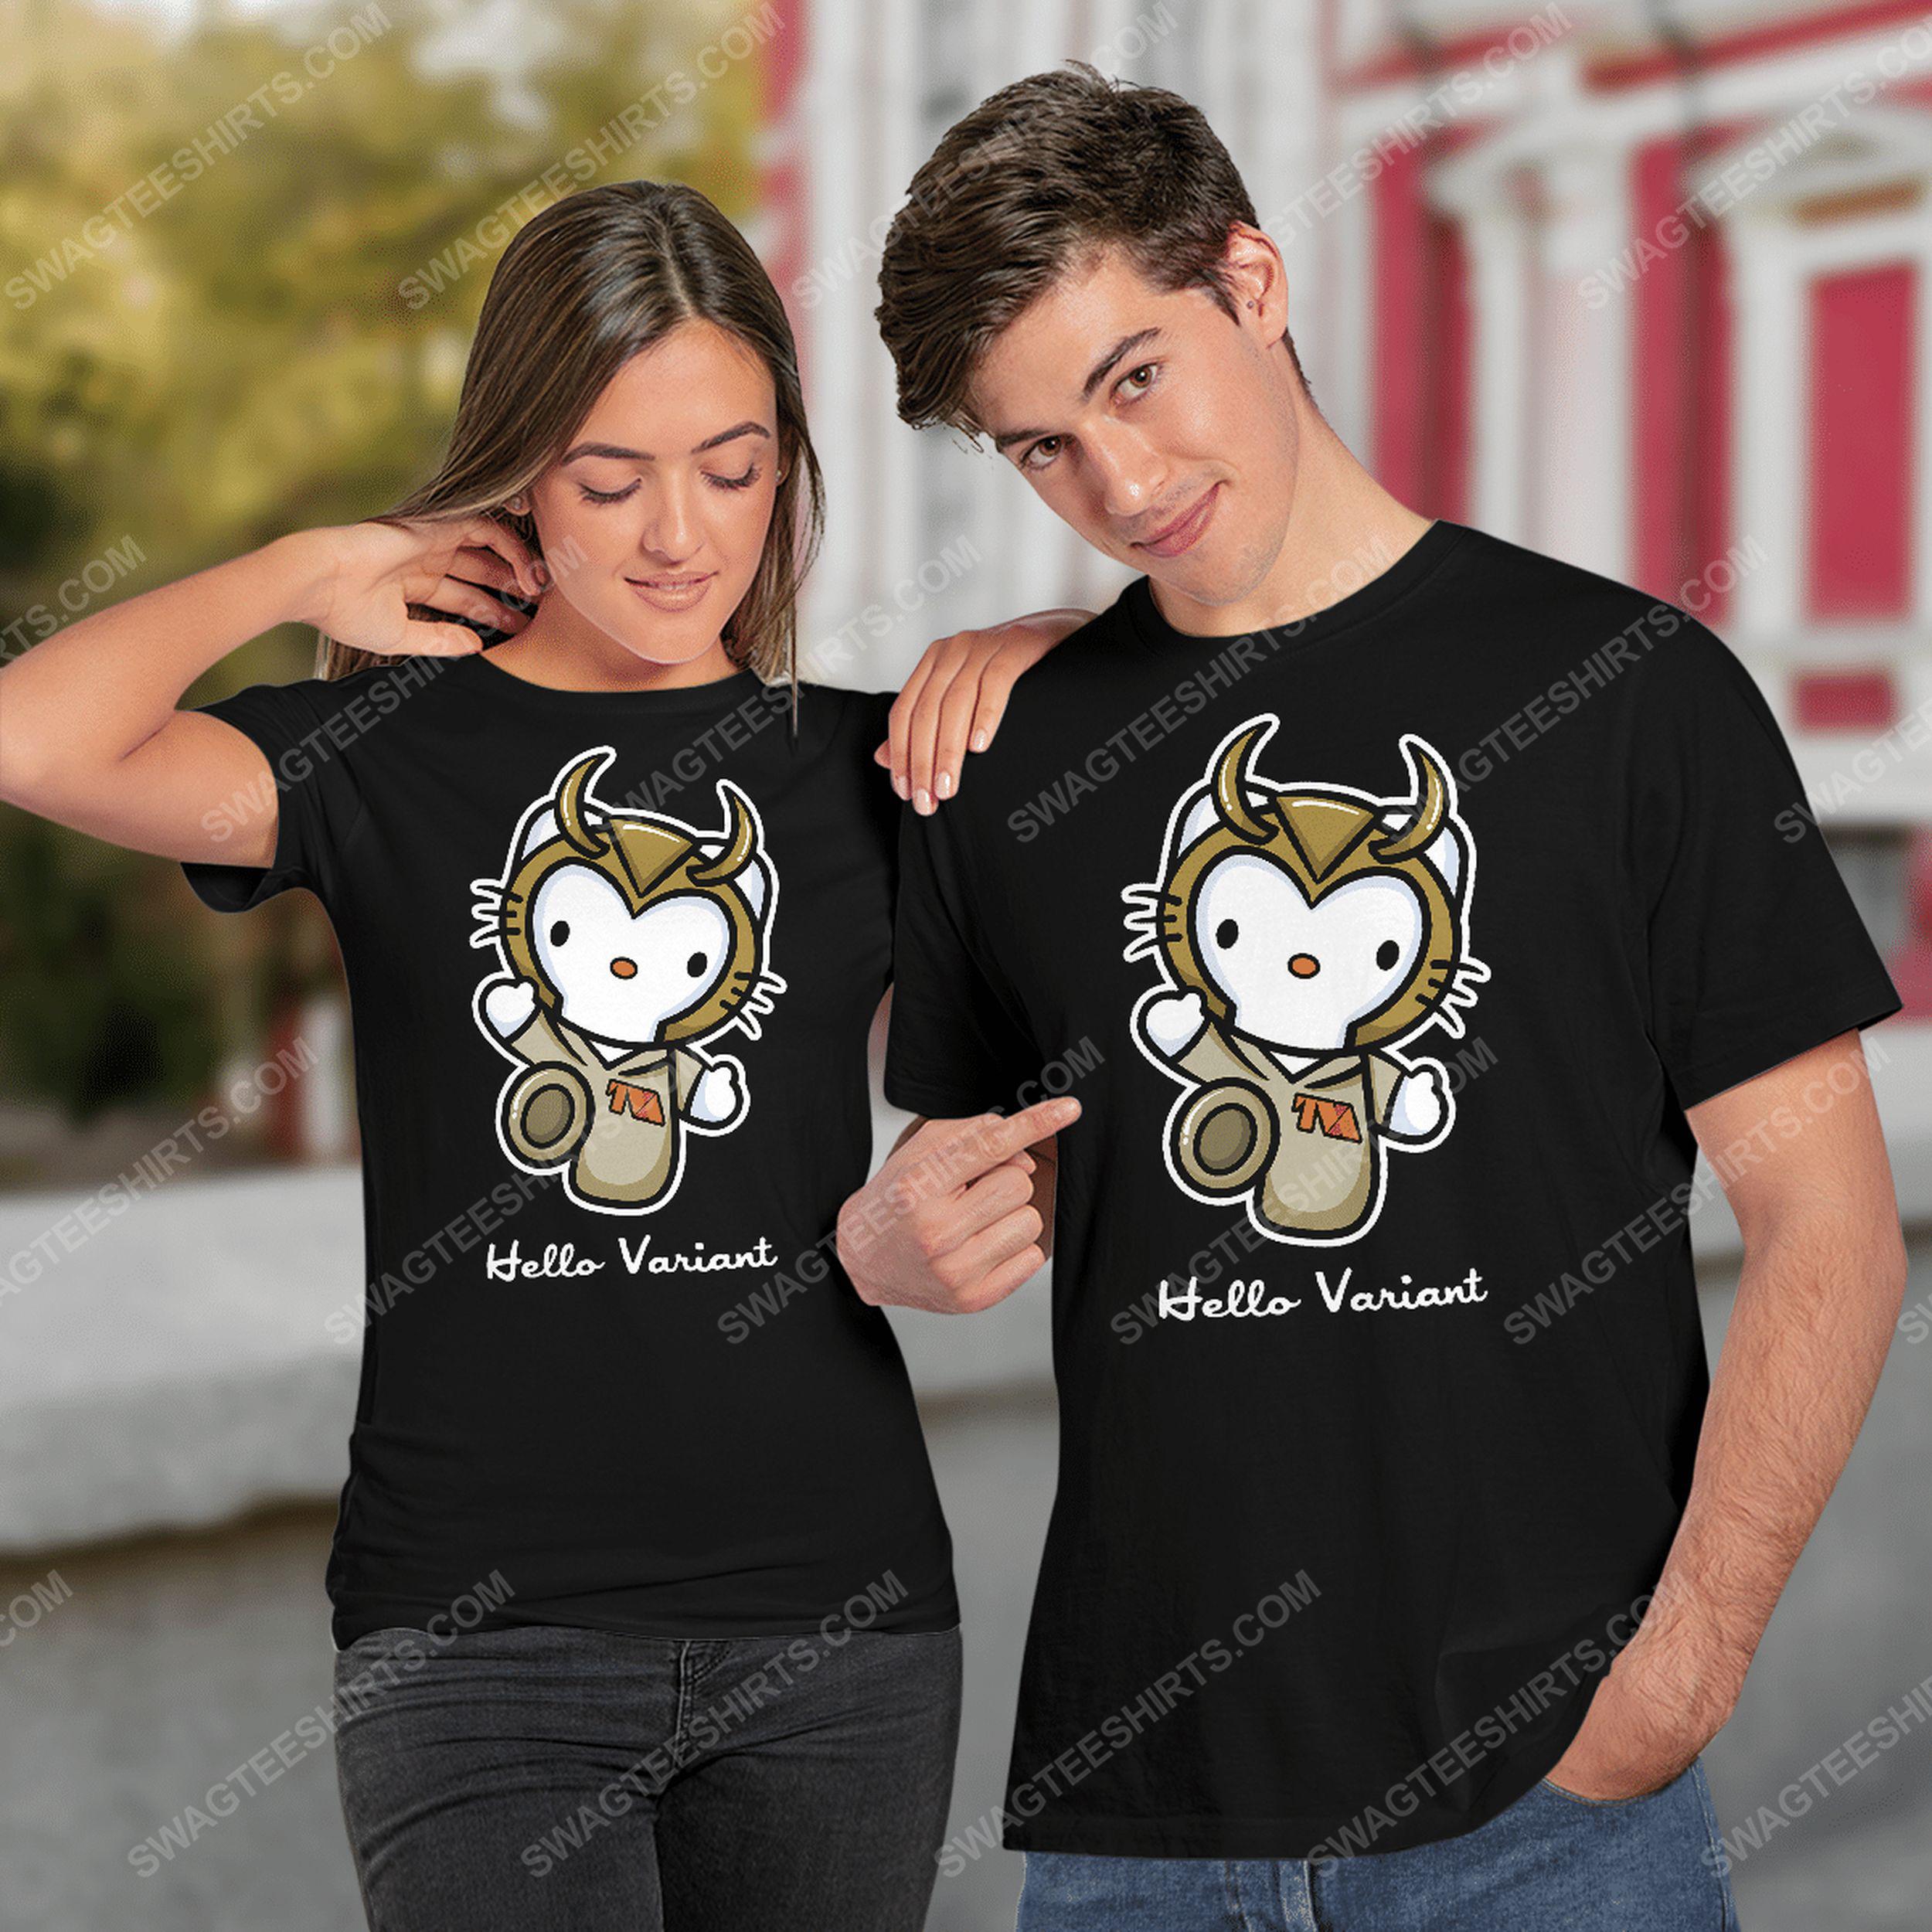 Hello variant hello kitty and loki tshirt(1)